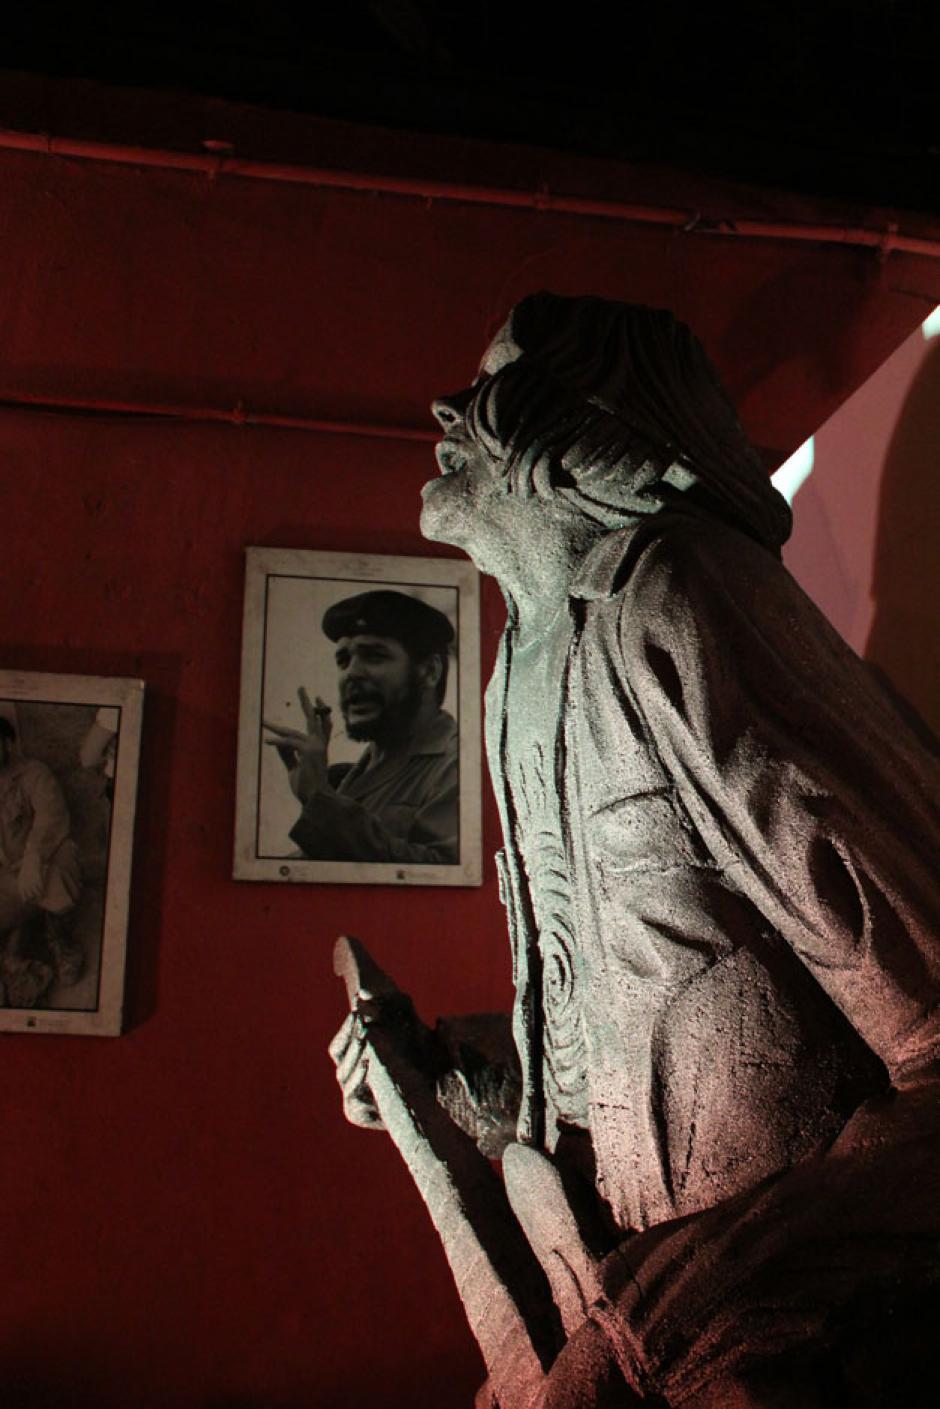 Una estatua de 2.5 metros del músico se encontraba en el ingreso de la Bodeguita del Centro en donde se realizó el homenaje. (Foto: Alexis Batres/Soy502)